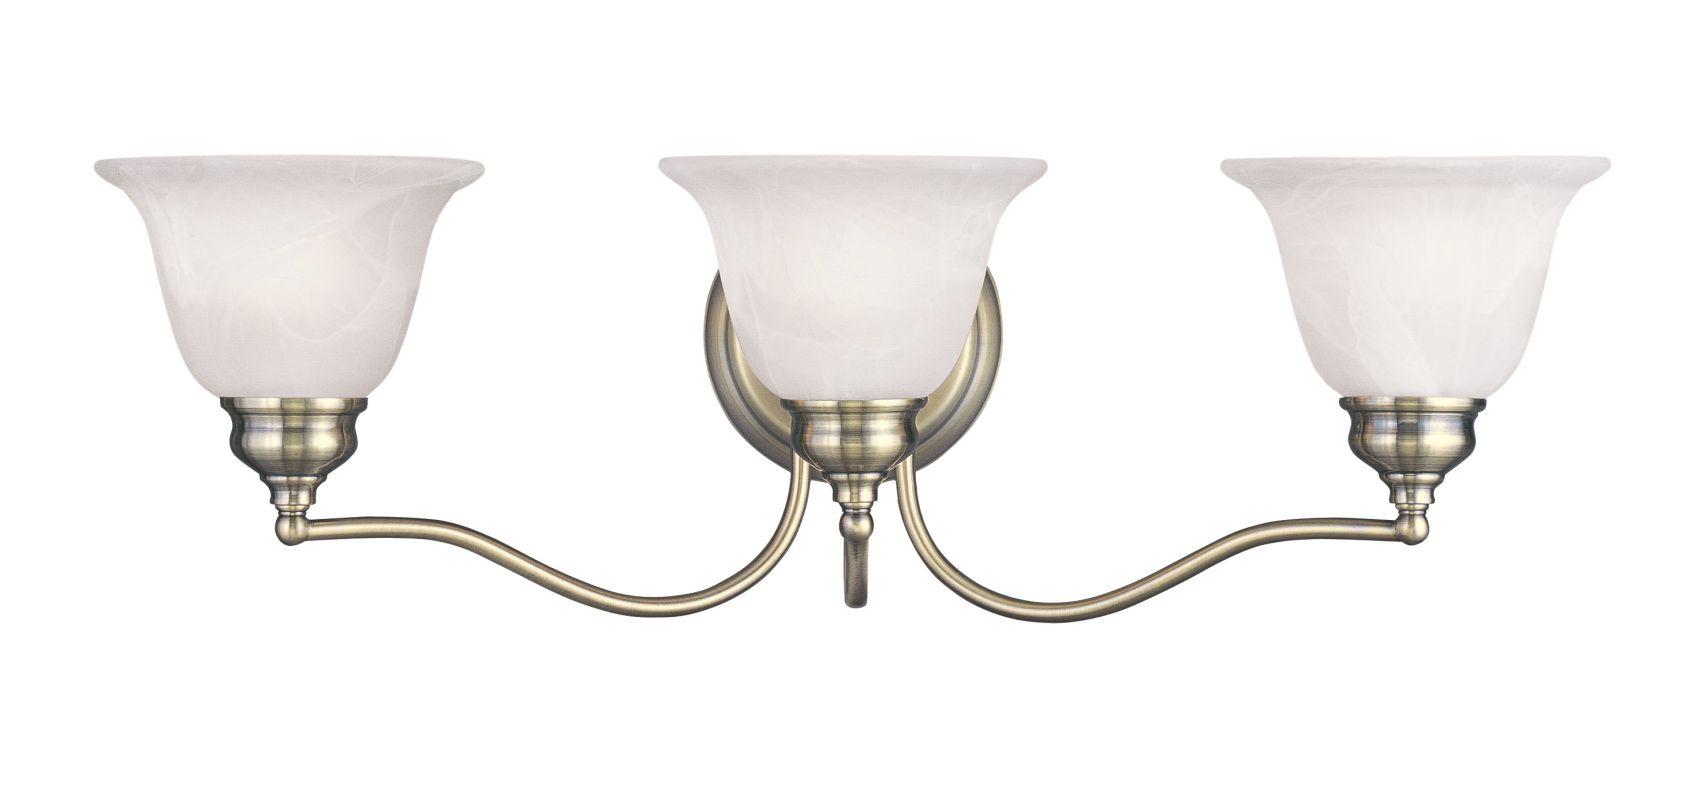 New 3 Light Bathroom Vanity Lighting Fixture Antique Brass: Livex Lighting 1353-01 Antique Brass Essex Bathroom Vanity